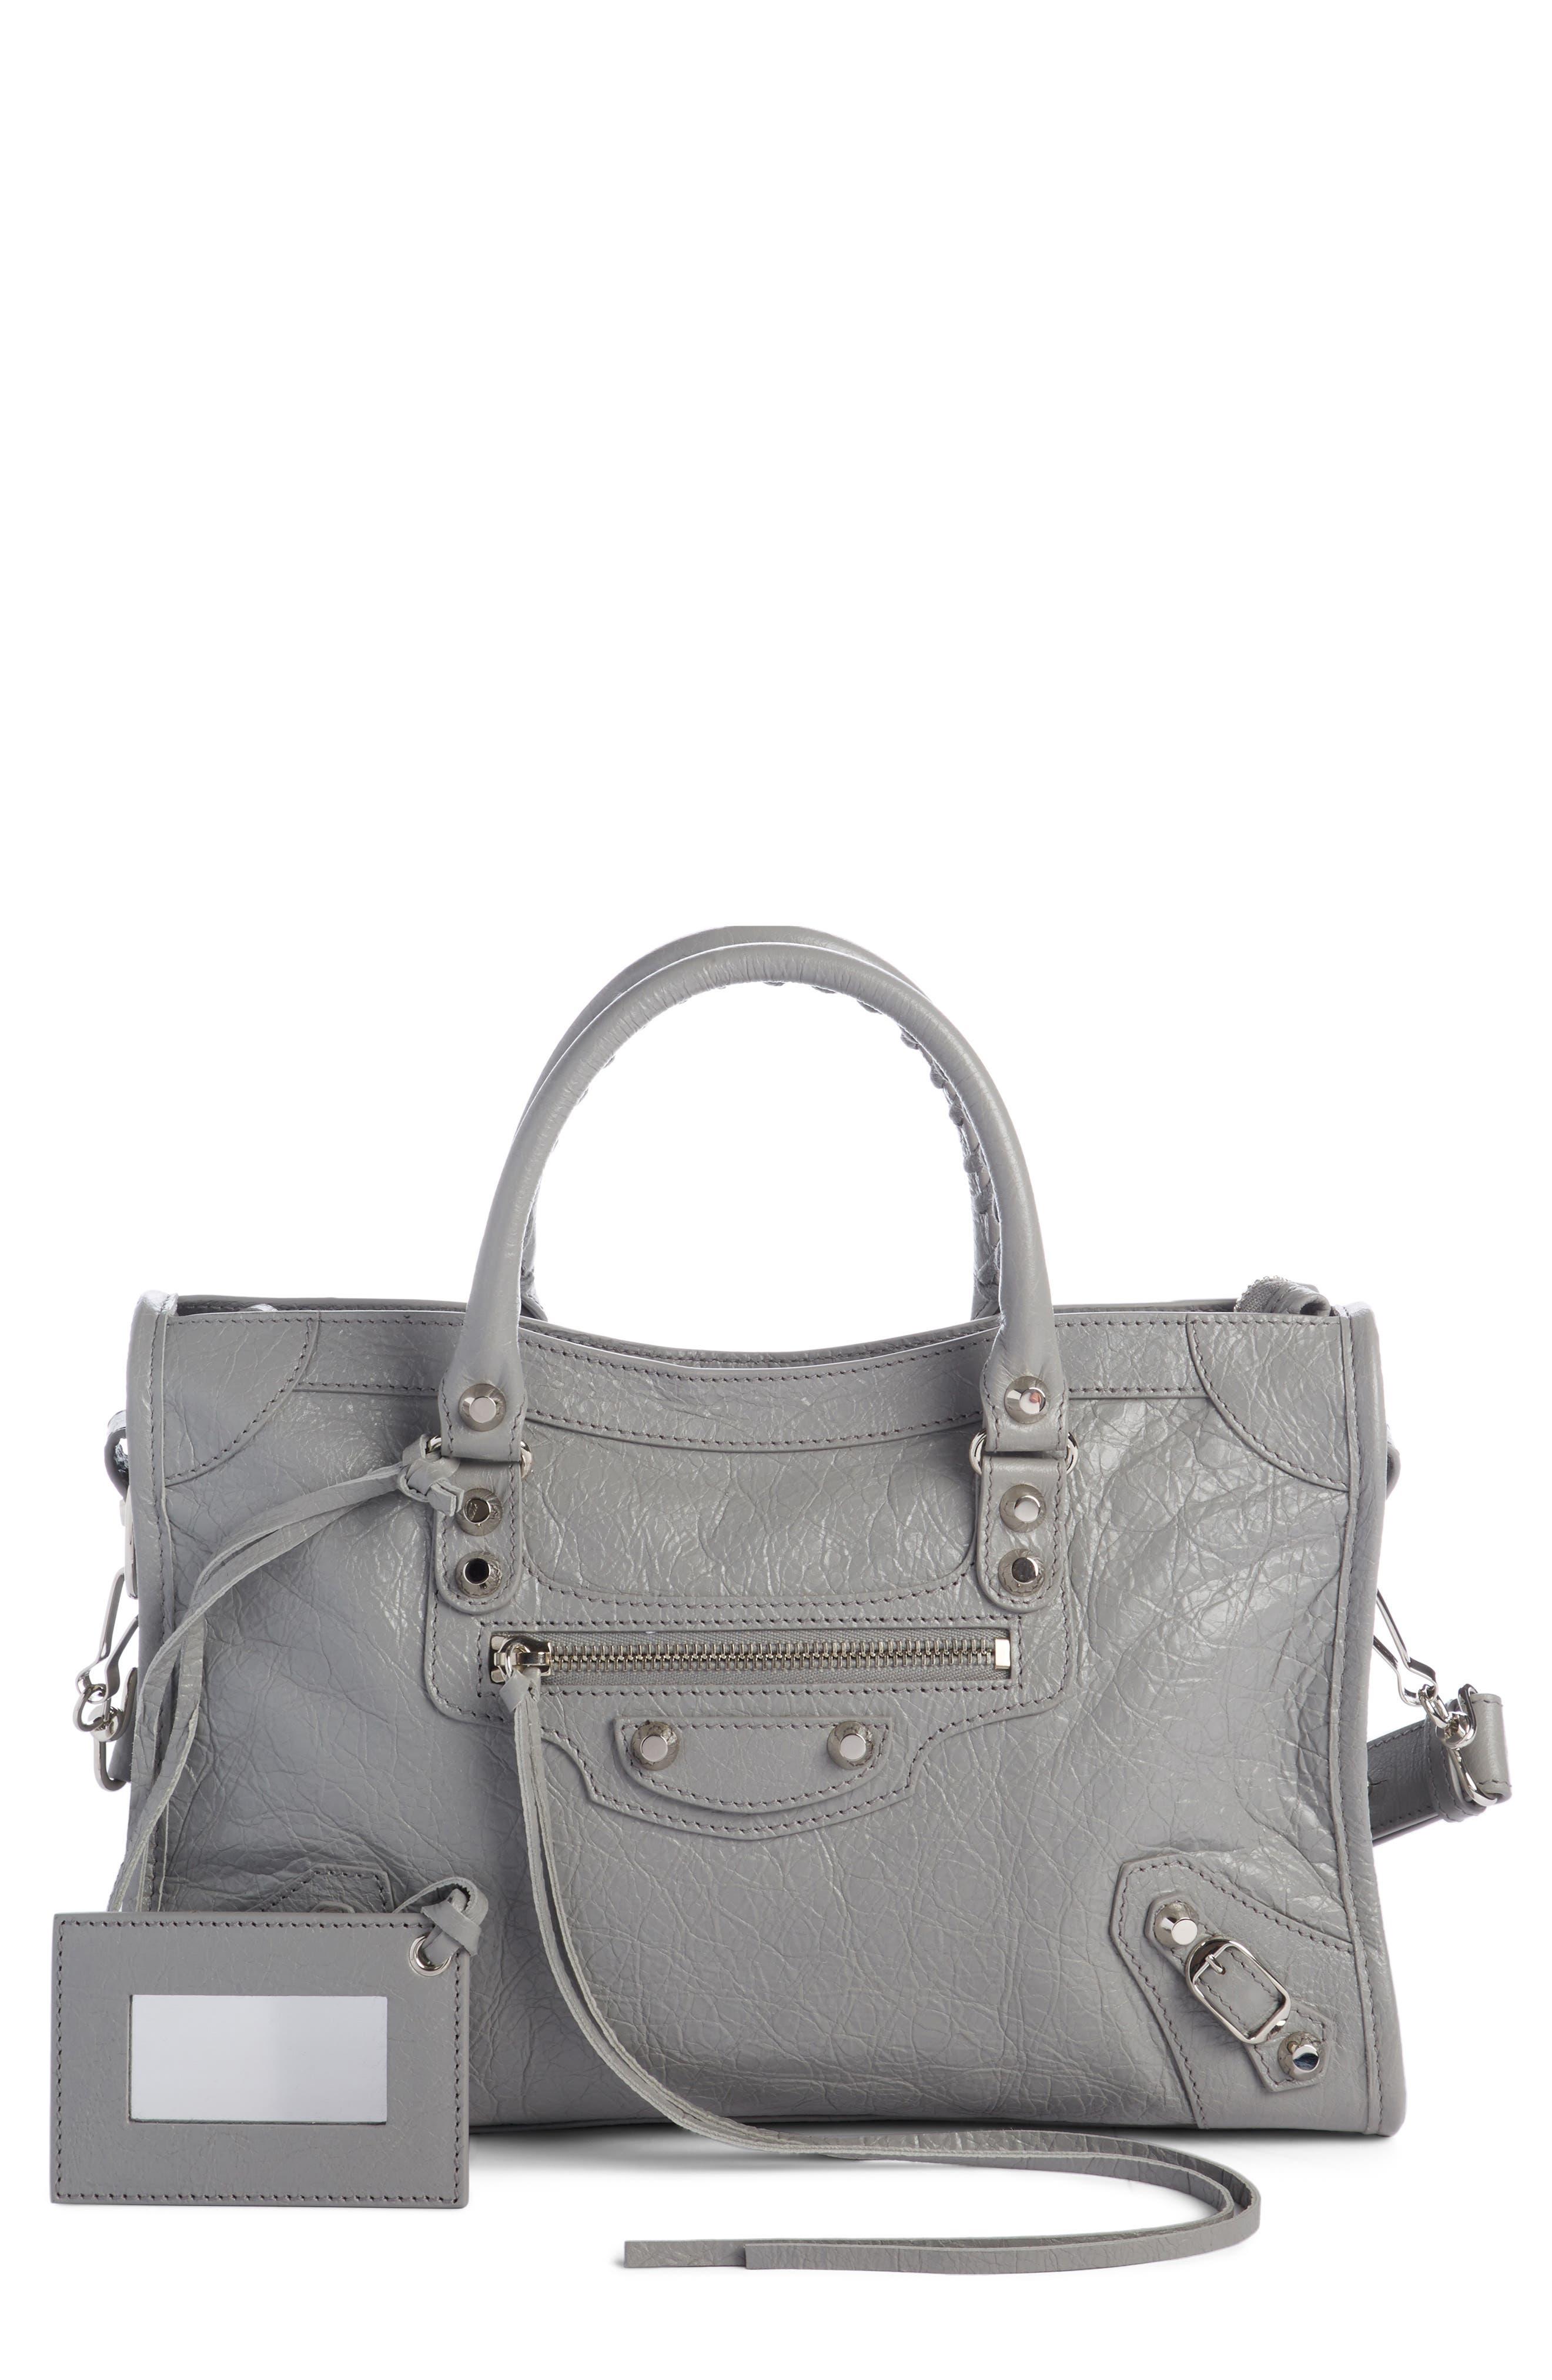 c385c404bd Balenciaga Handbags   Wallets for Women